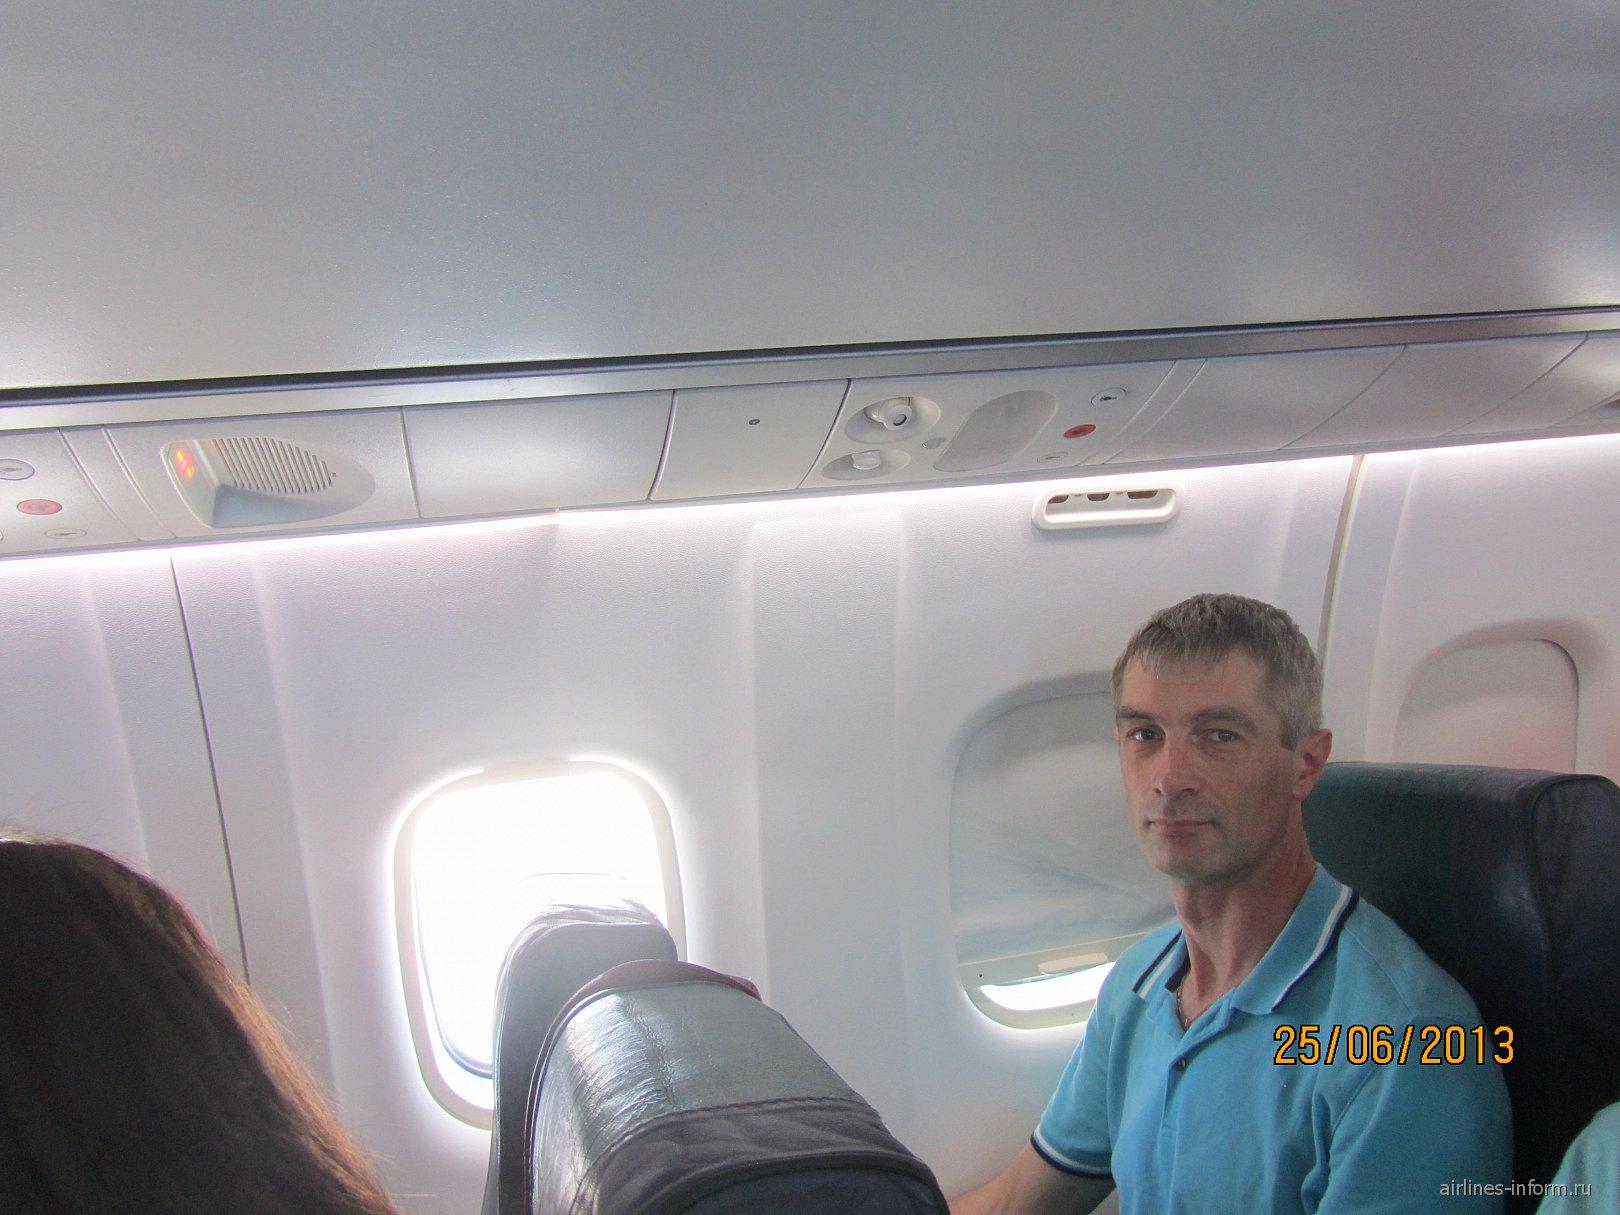 В самолете ATR 72 авиакомпании Cebu Pacific